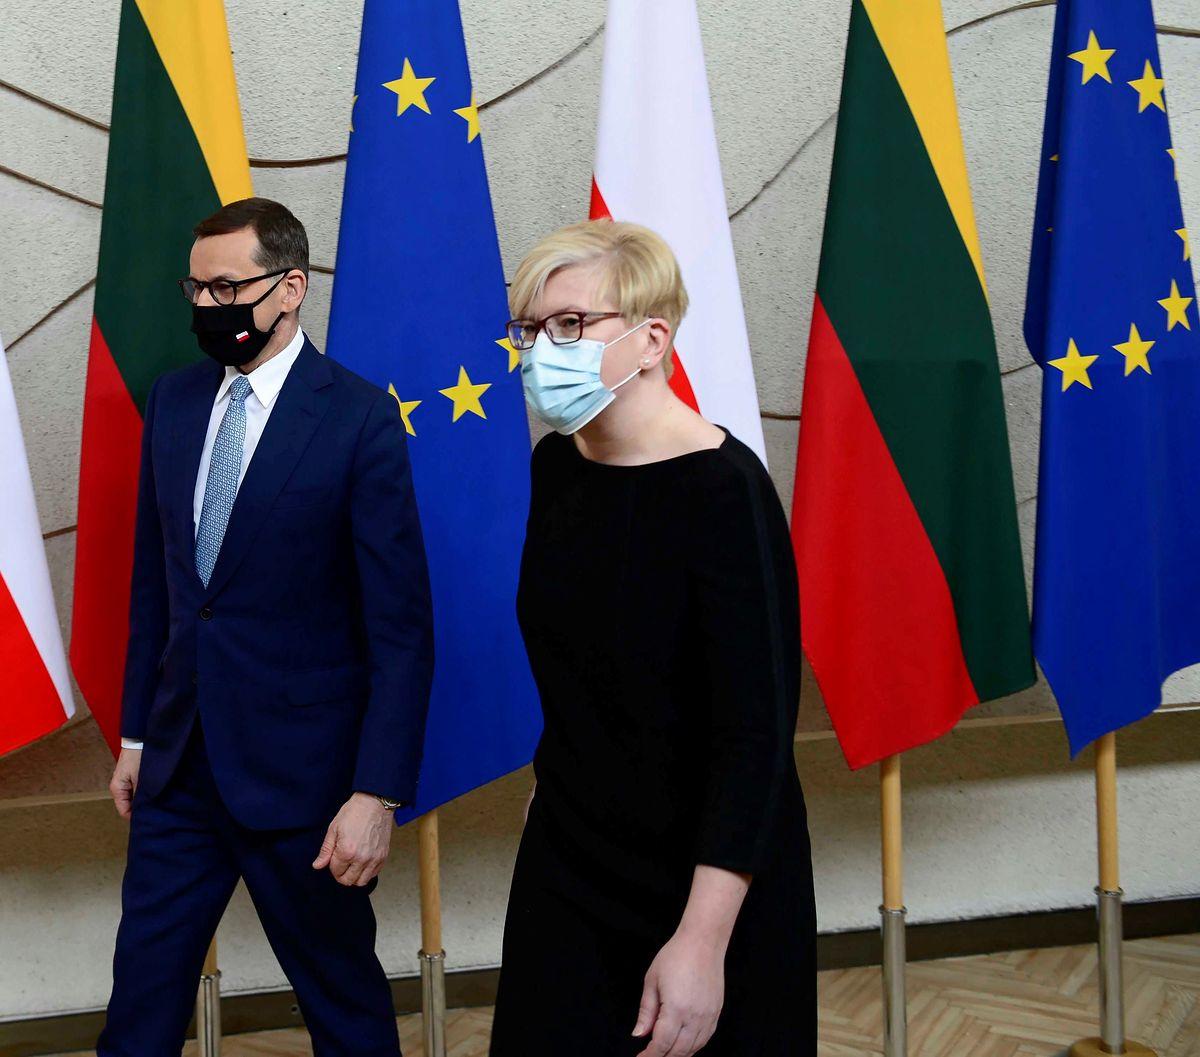 Premier Mateusz Morawiecki i premier Republiki Litewskiej Ingrida Simonyte, Wilno, Litwa, 02.05.2021 r.